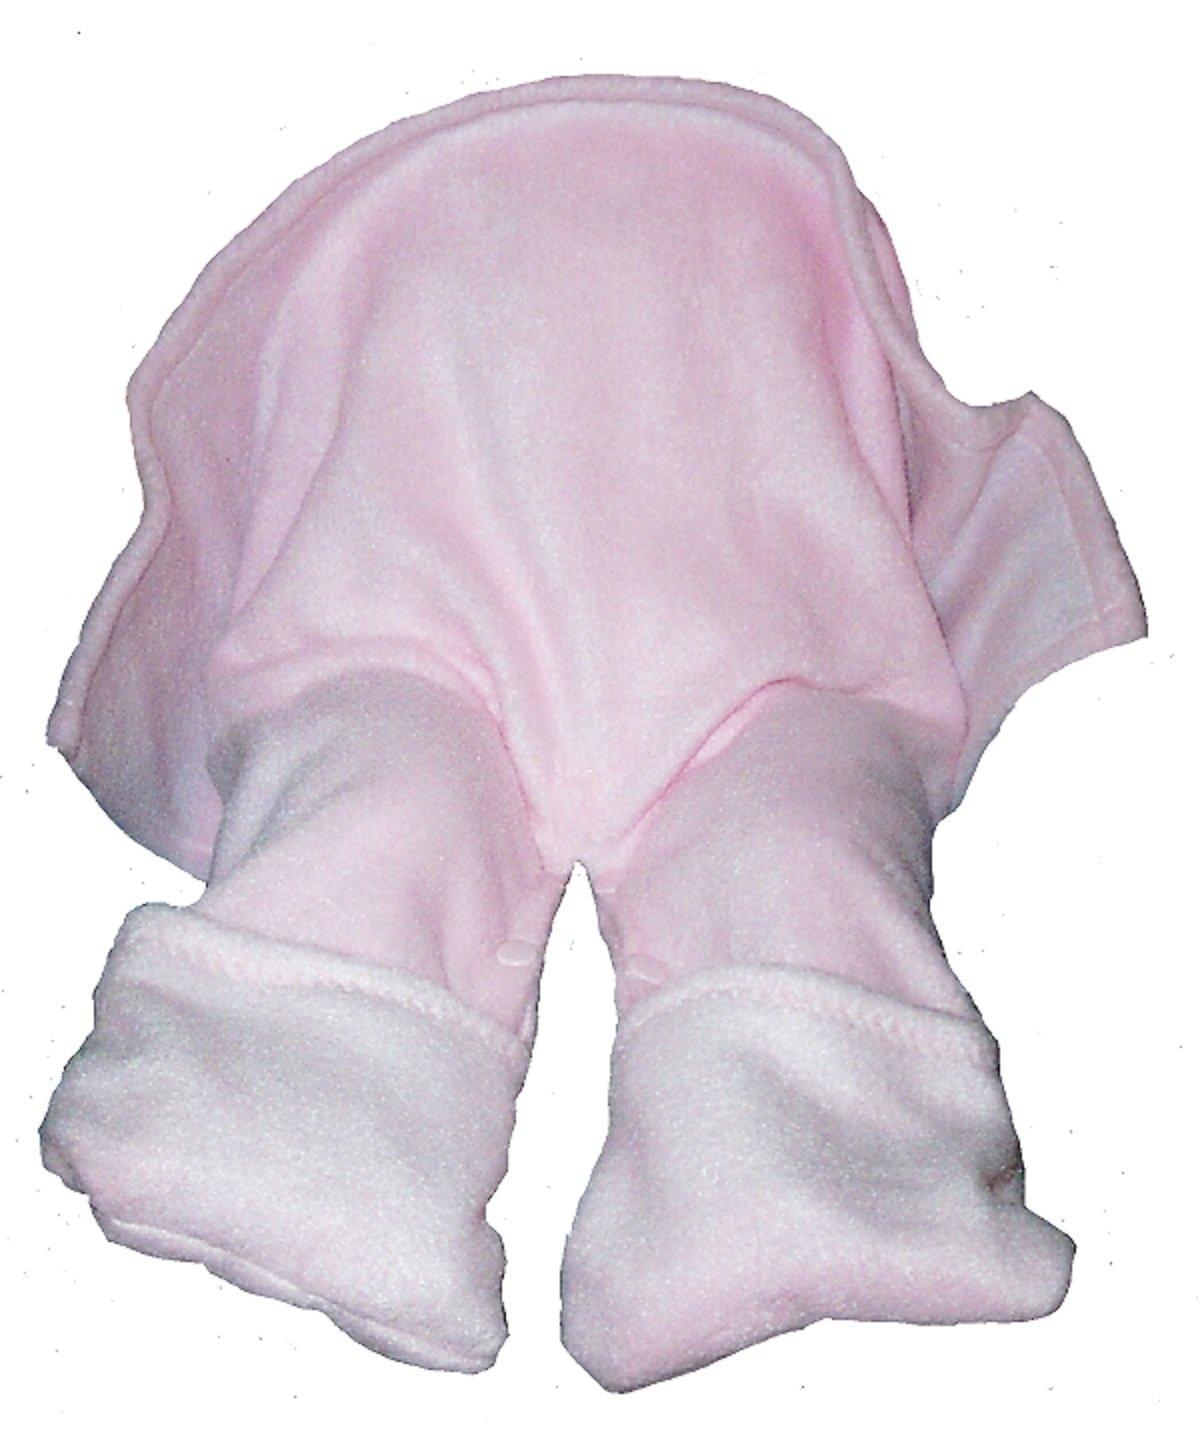 Straddleblanket 12 MONTHS Size SPLIT BABY BLANKET for Walker, Stroller, Car Seat Pink